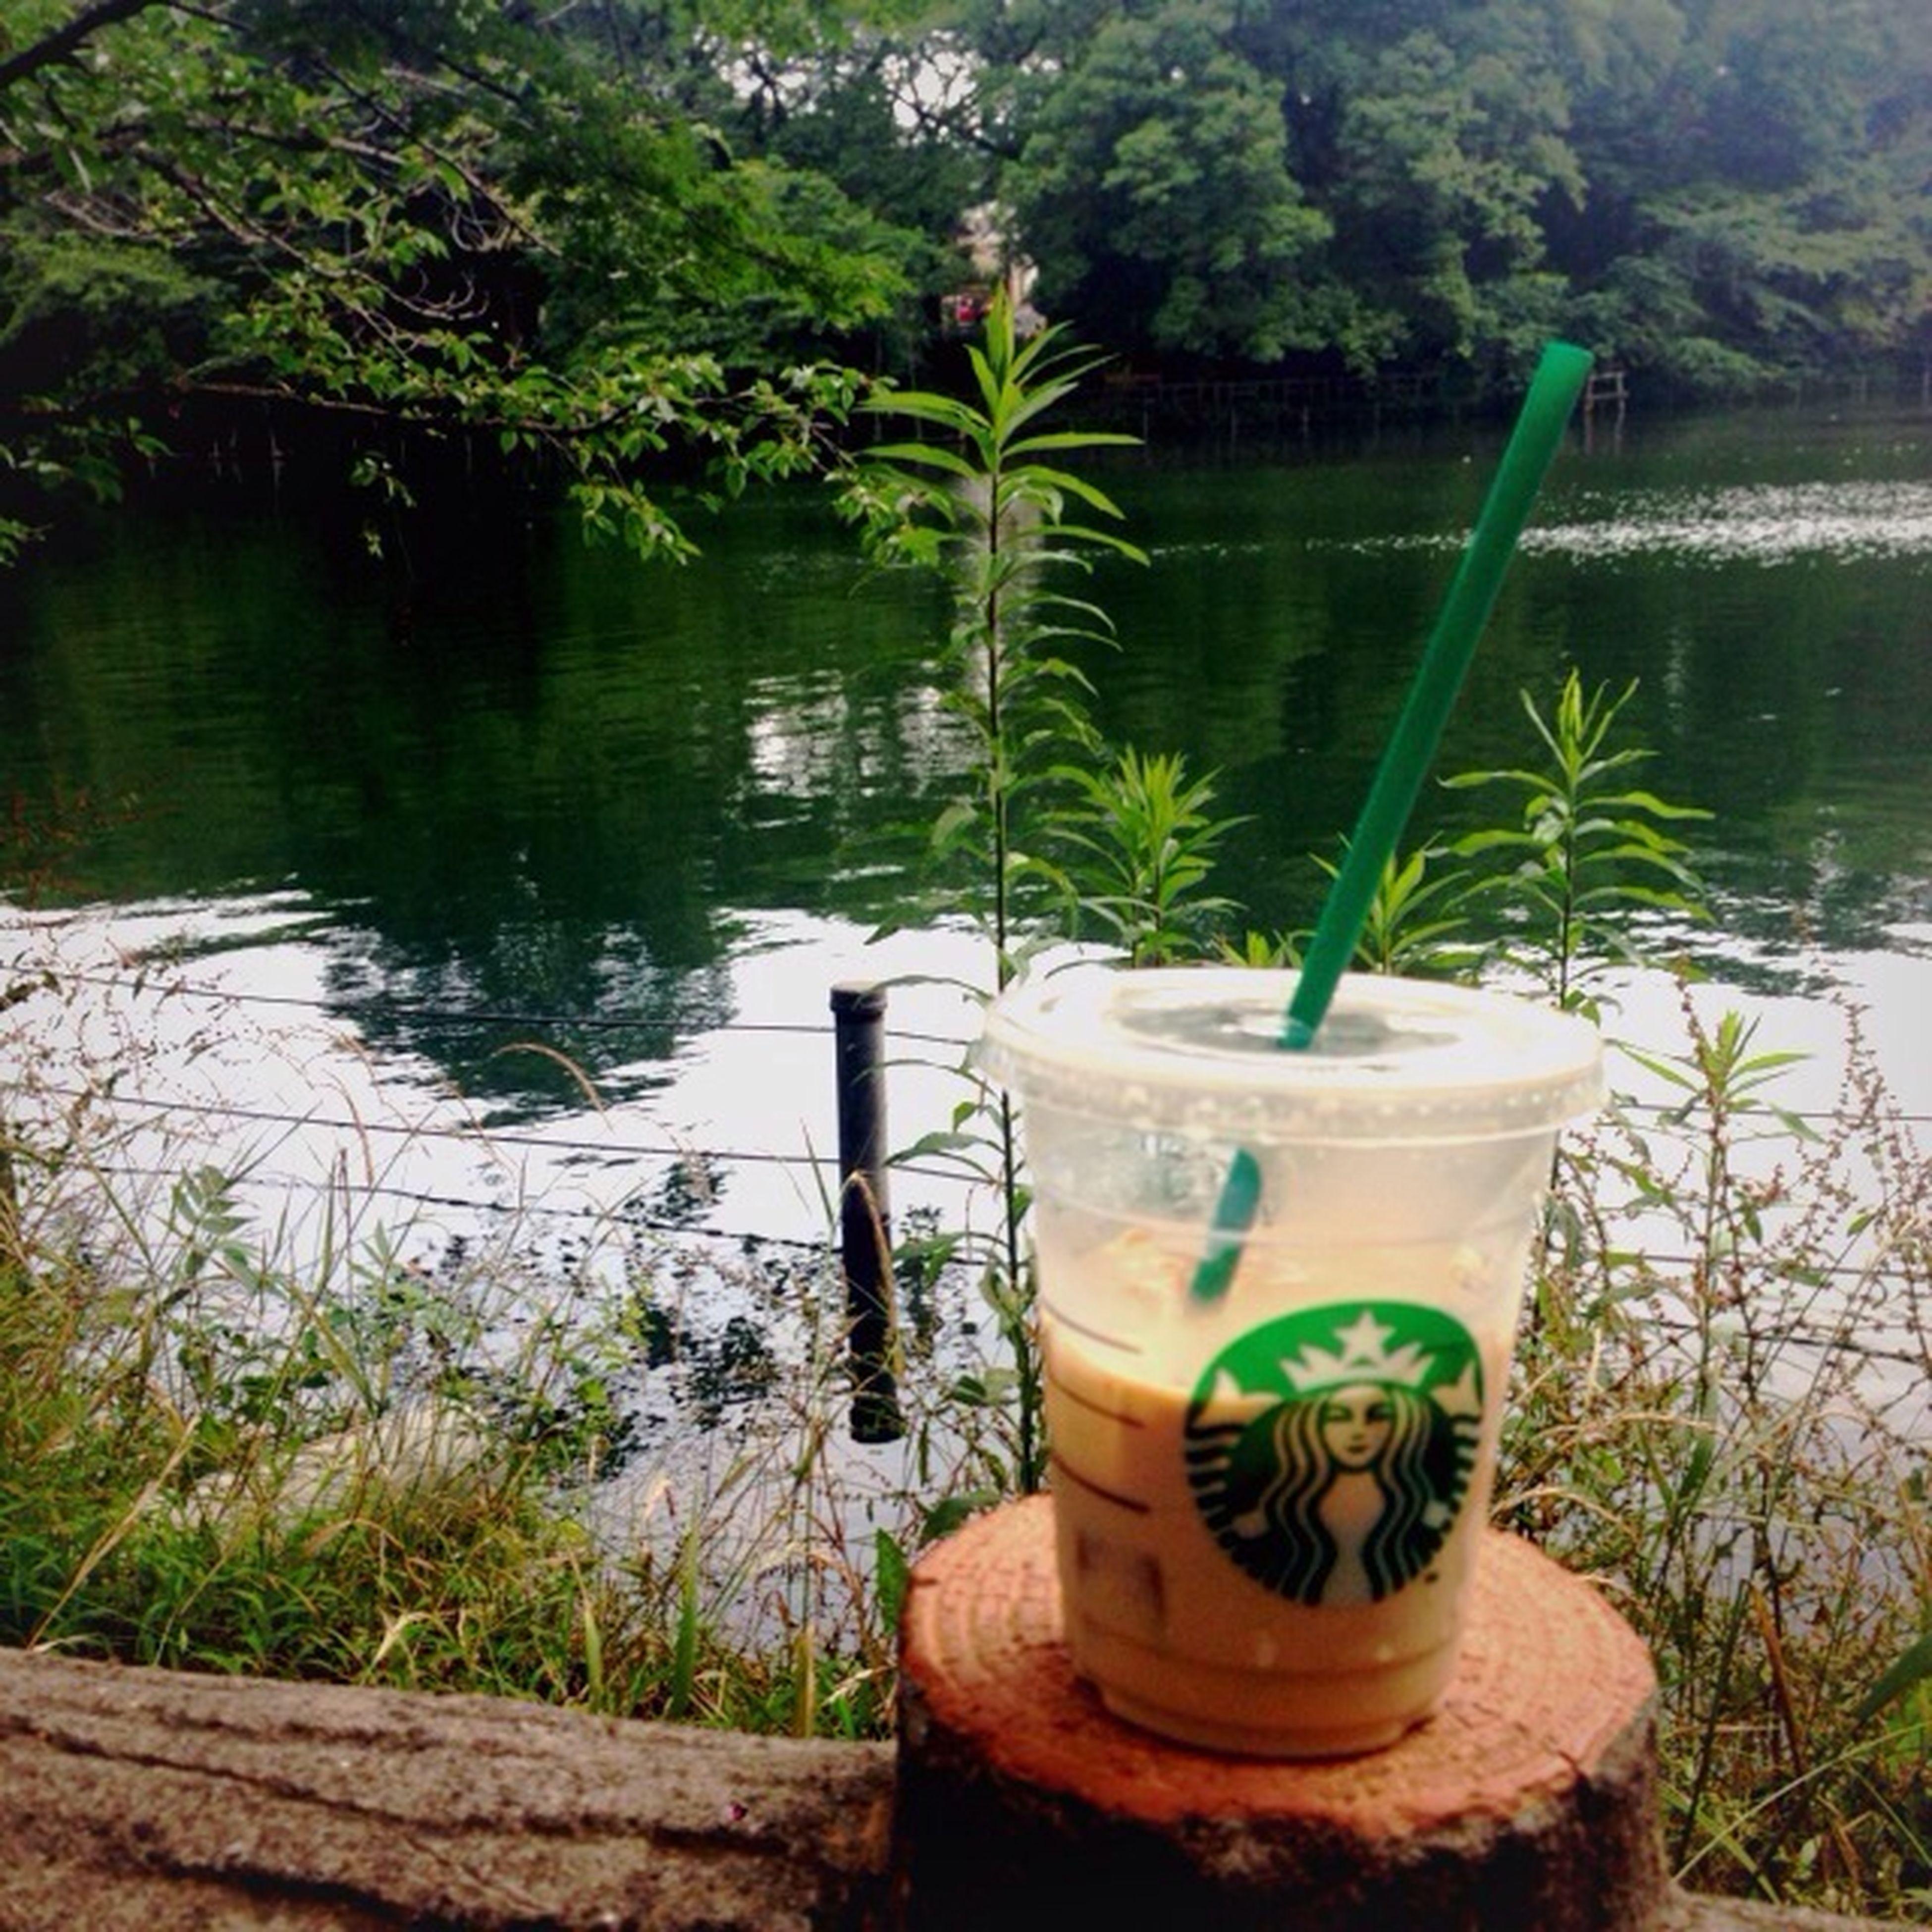 Starbucks Yum Green